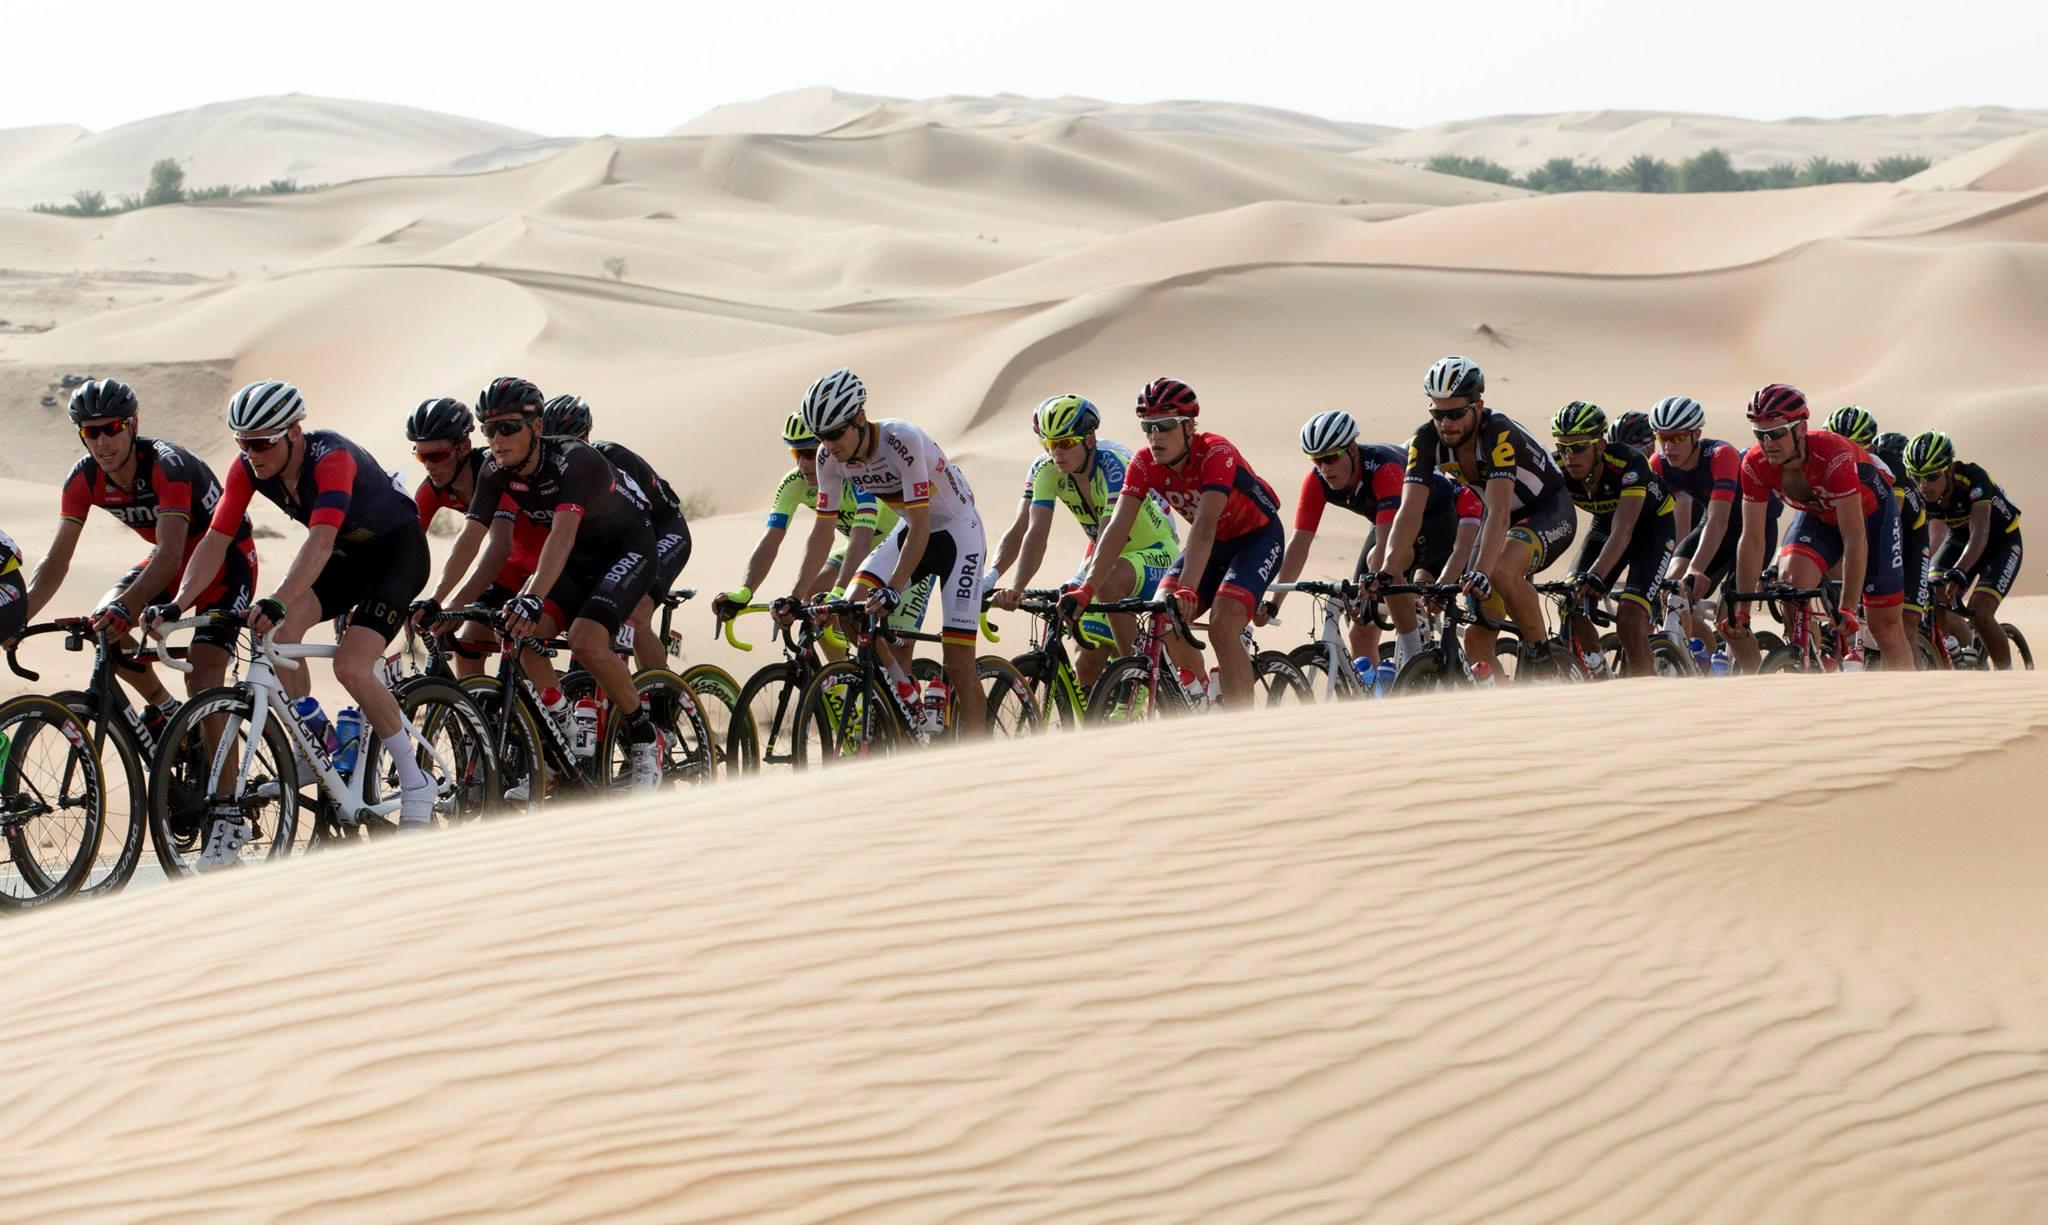 The desert. Hot.